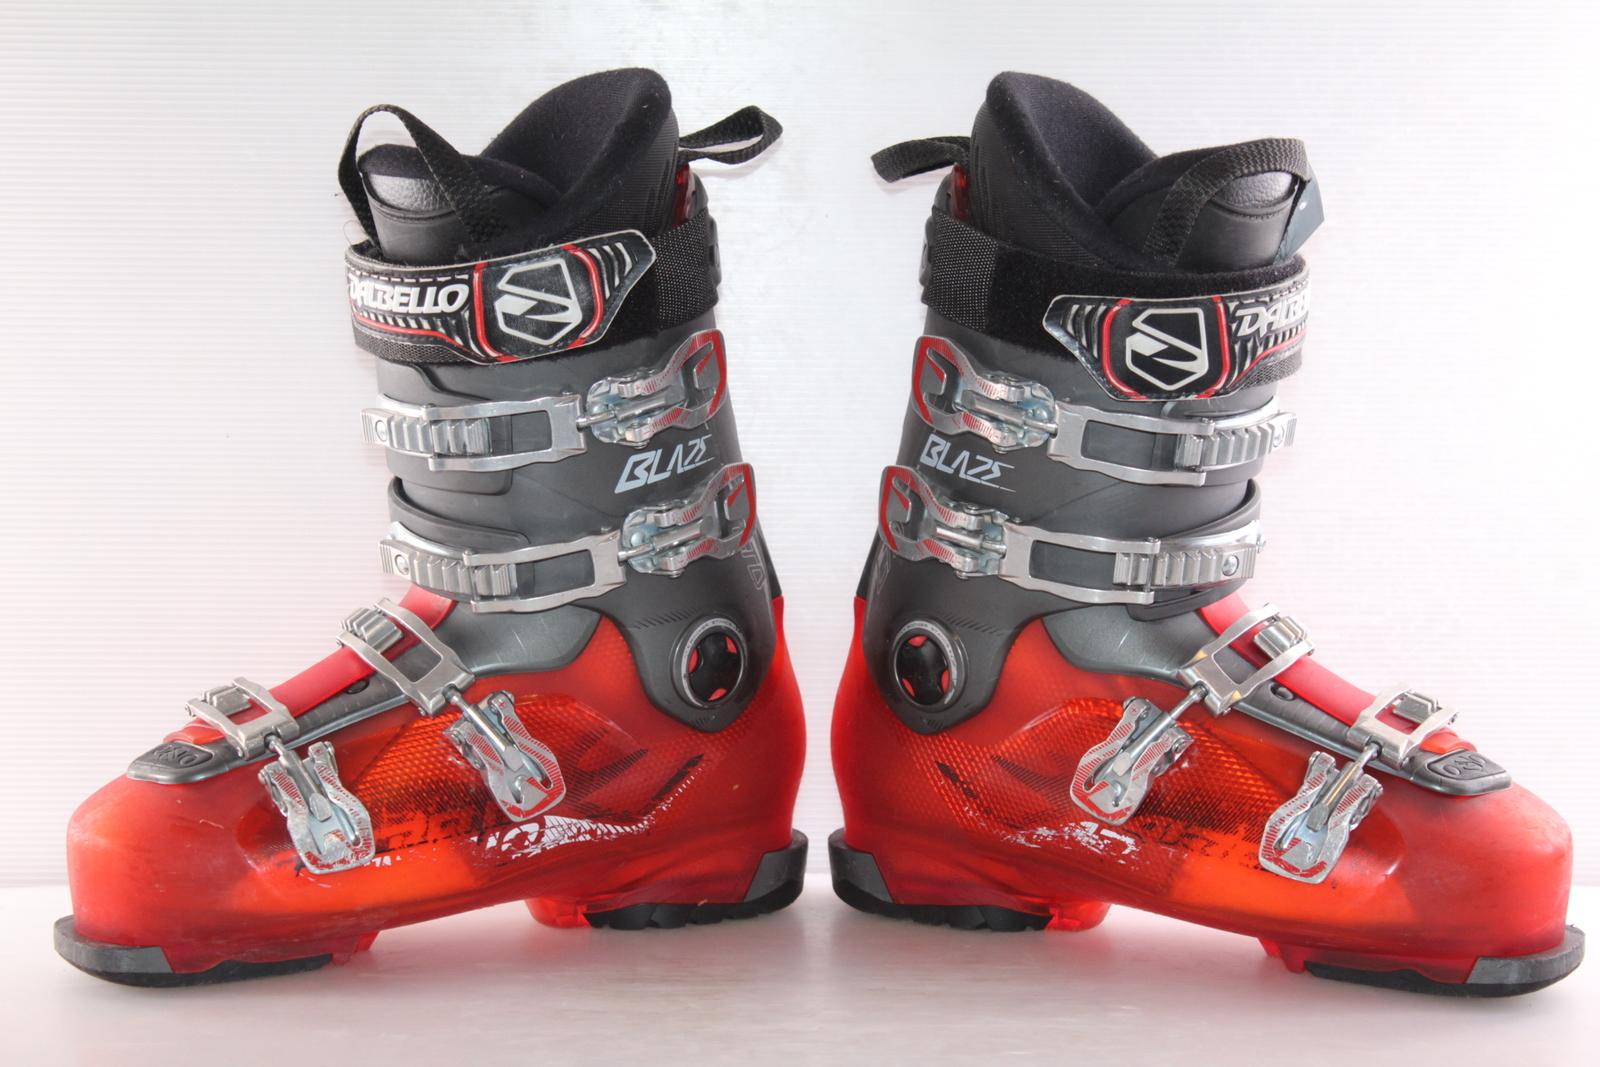 Lyžařské boty Dalbello Blaze Ltd vel. EU43.5